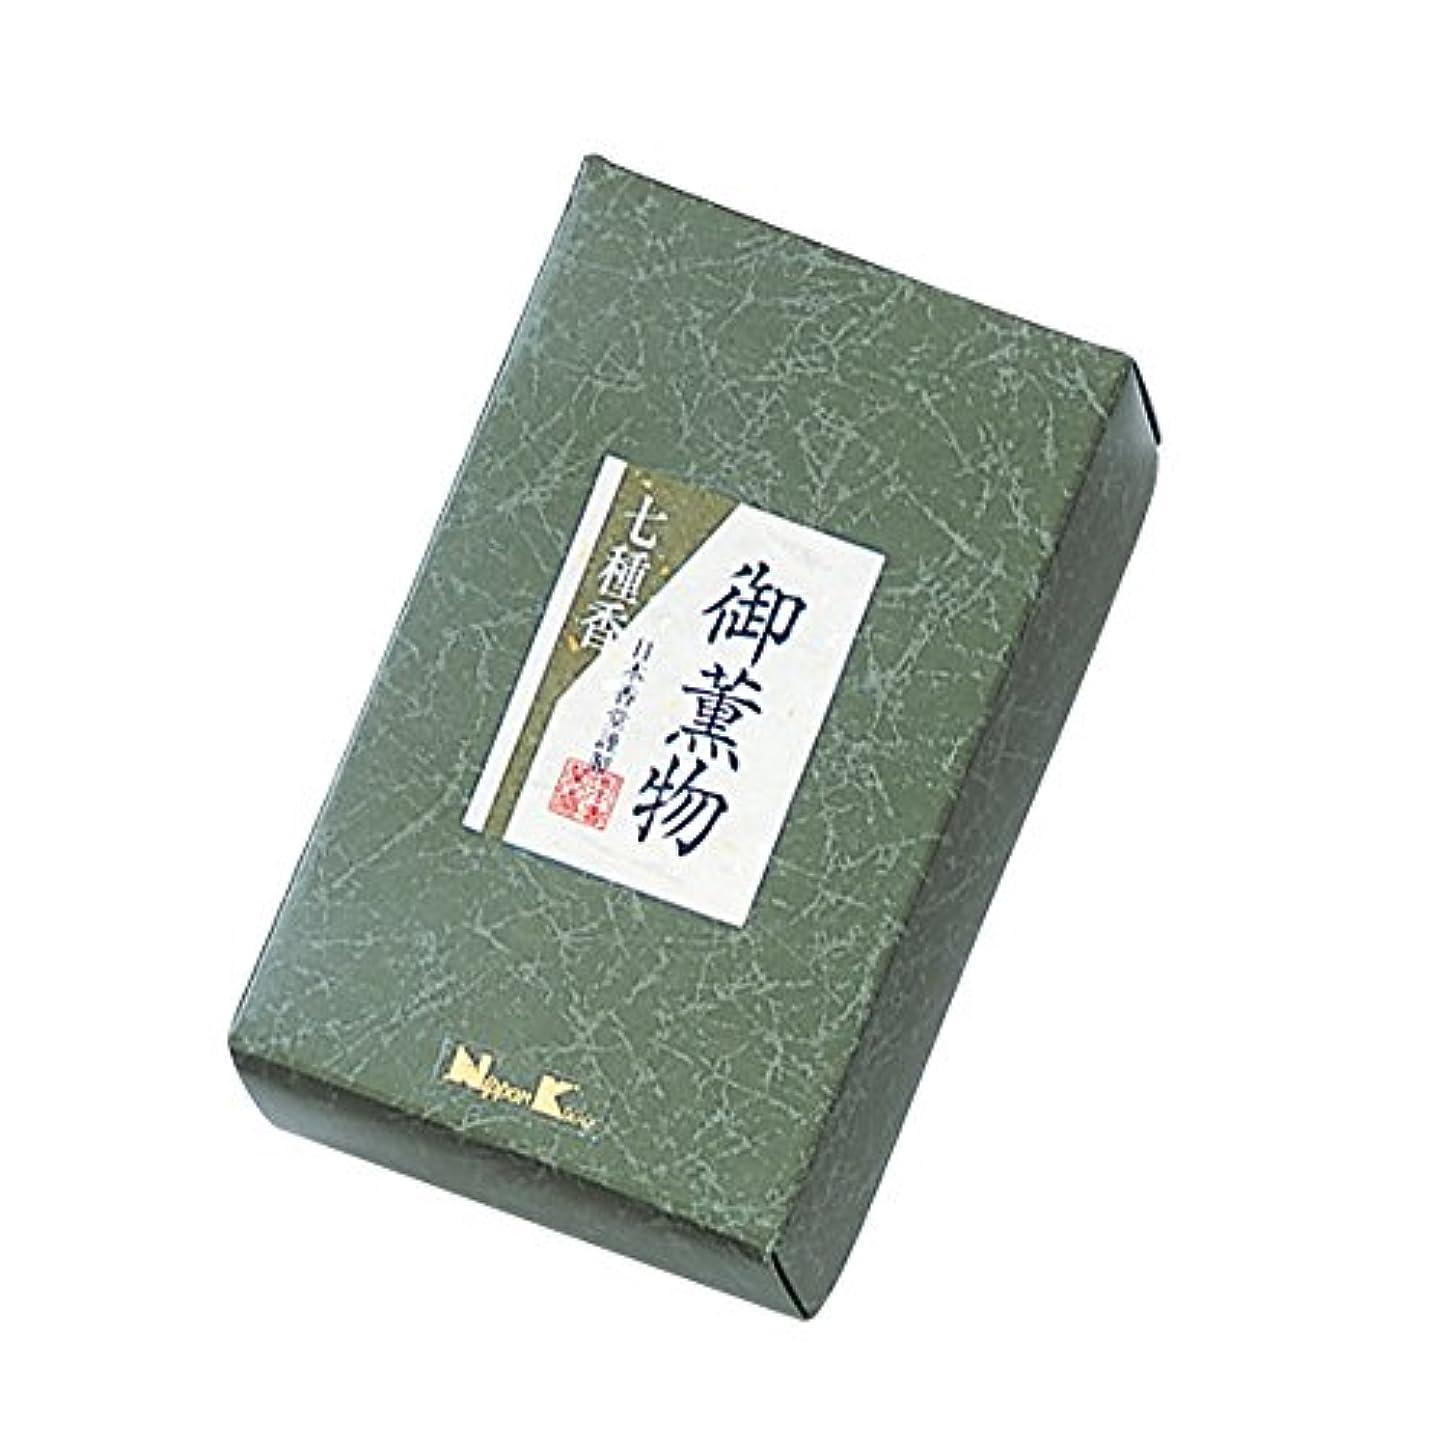 増強するアスリート役に立つ御薫物七種香 125g